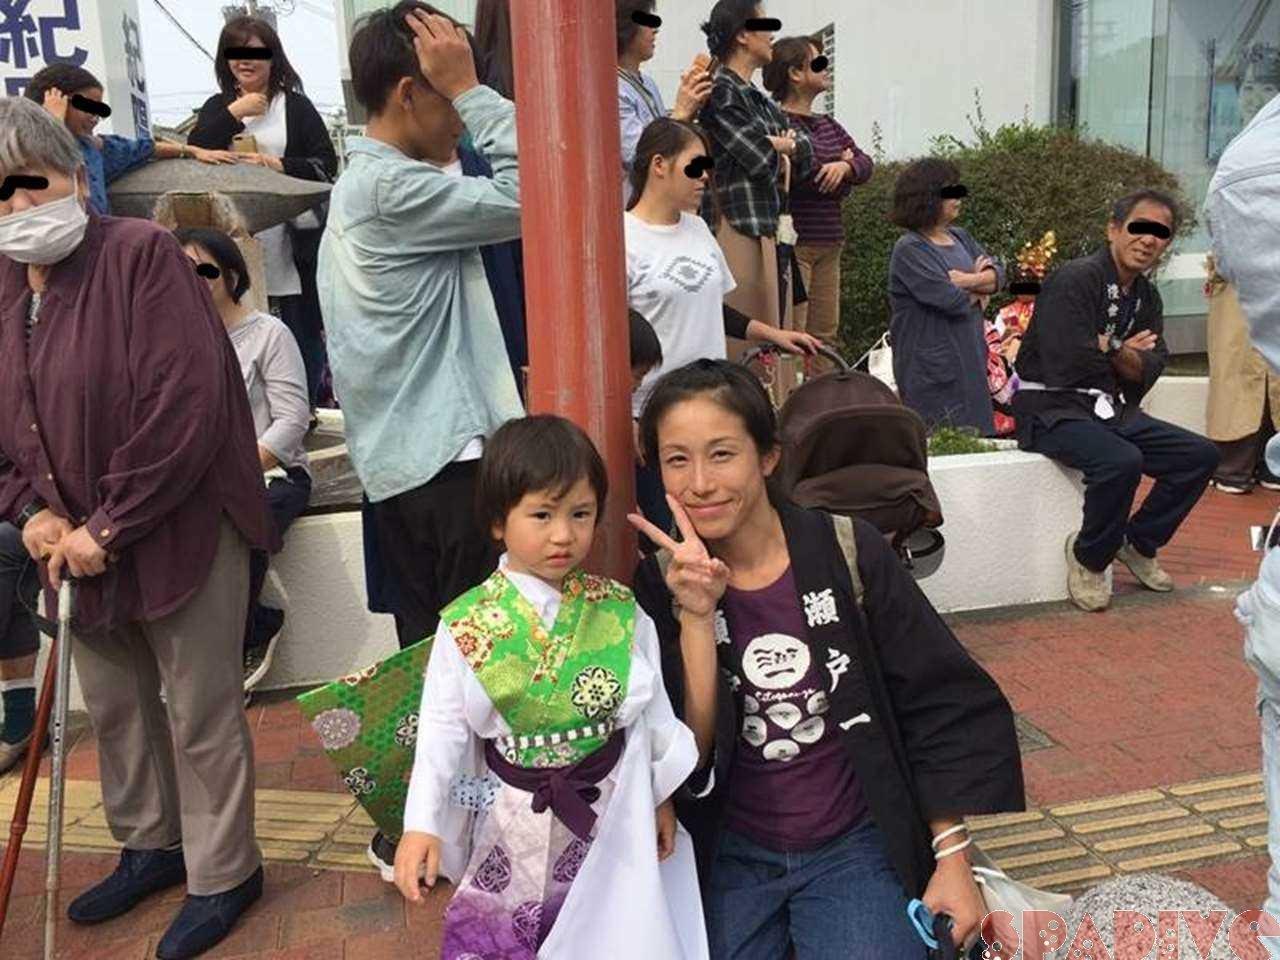 熊野三所神社例大祭 10/16-17/2018